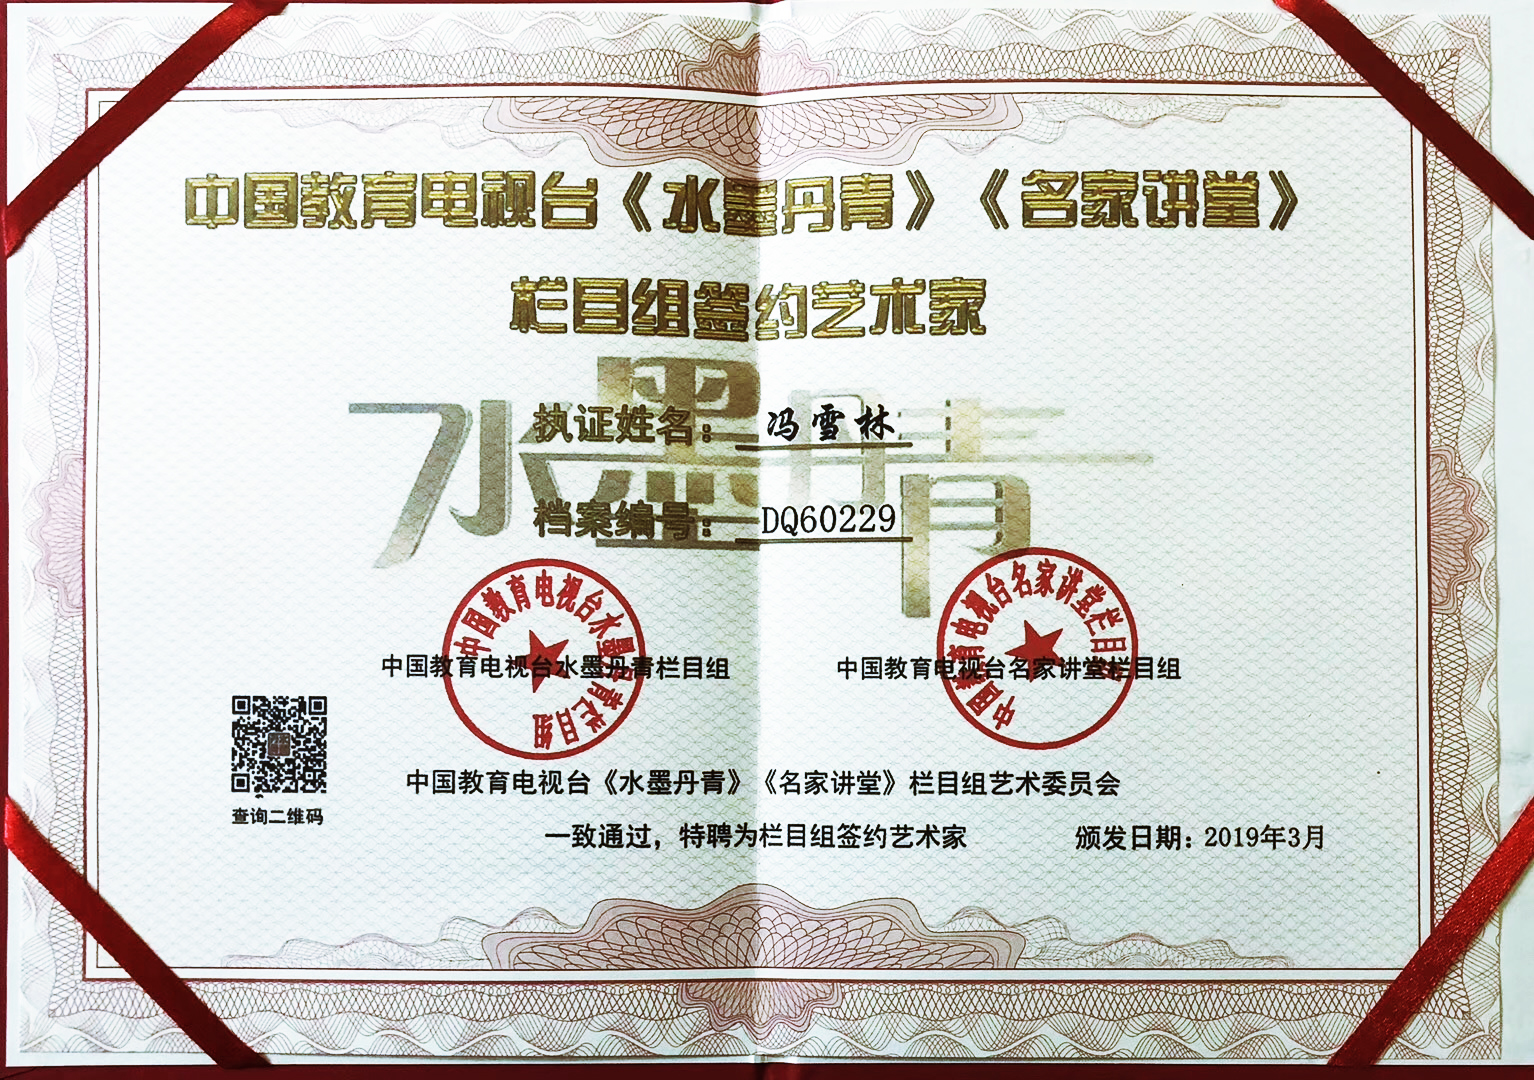 书法家冯雪林被特聘为《水墨丹青》《名家讲堂》栏目组签约艺术家